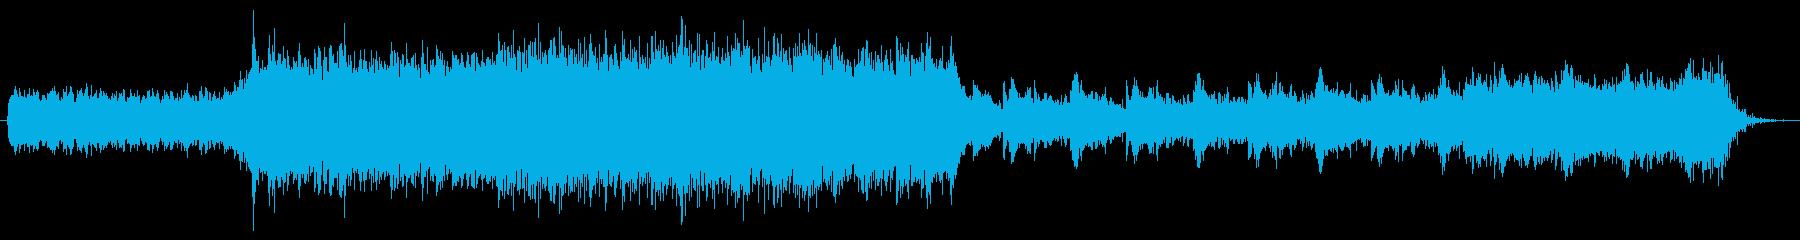 スローテンポのキラキラしたバラードの再生済みの波形